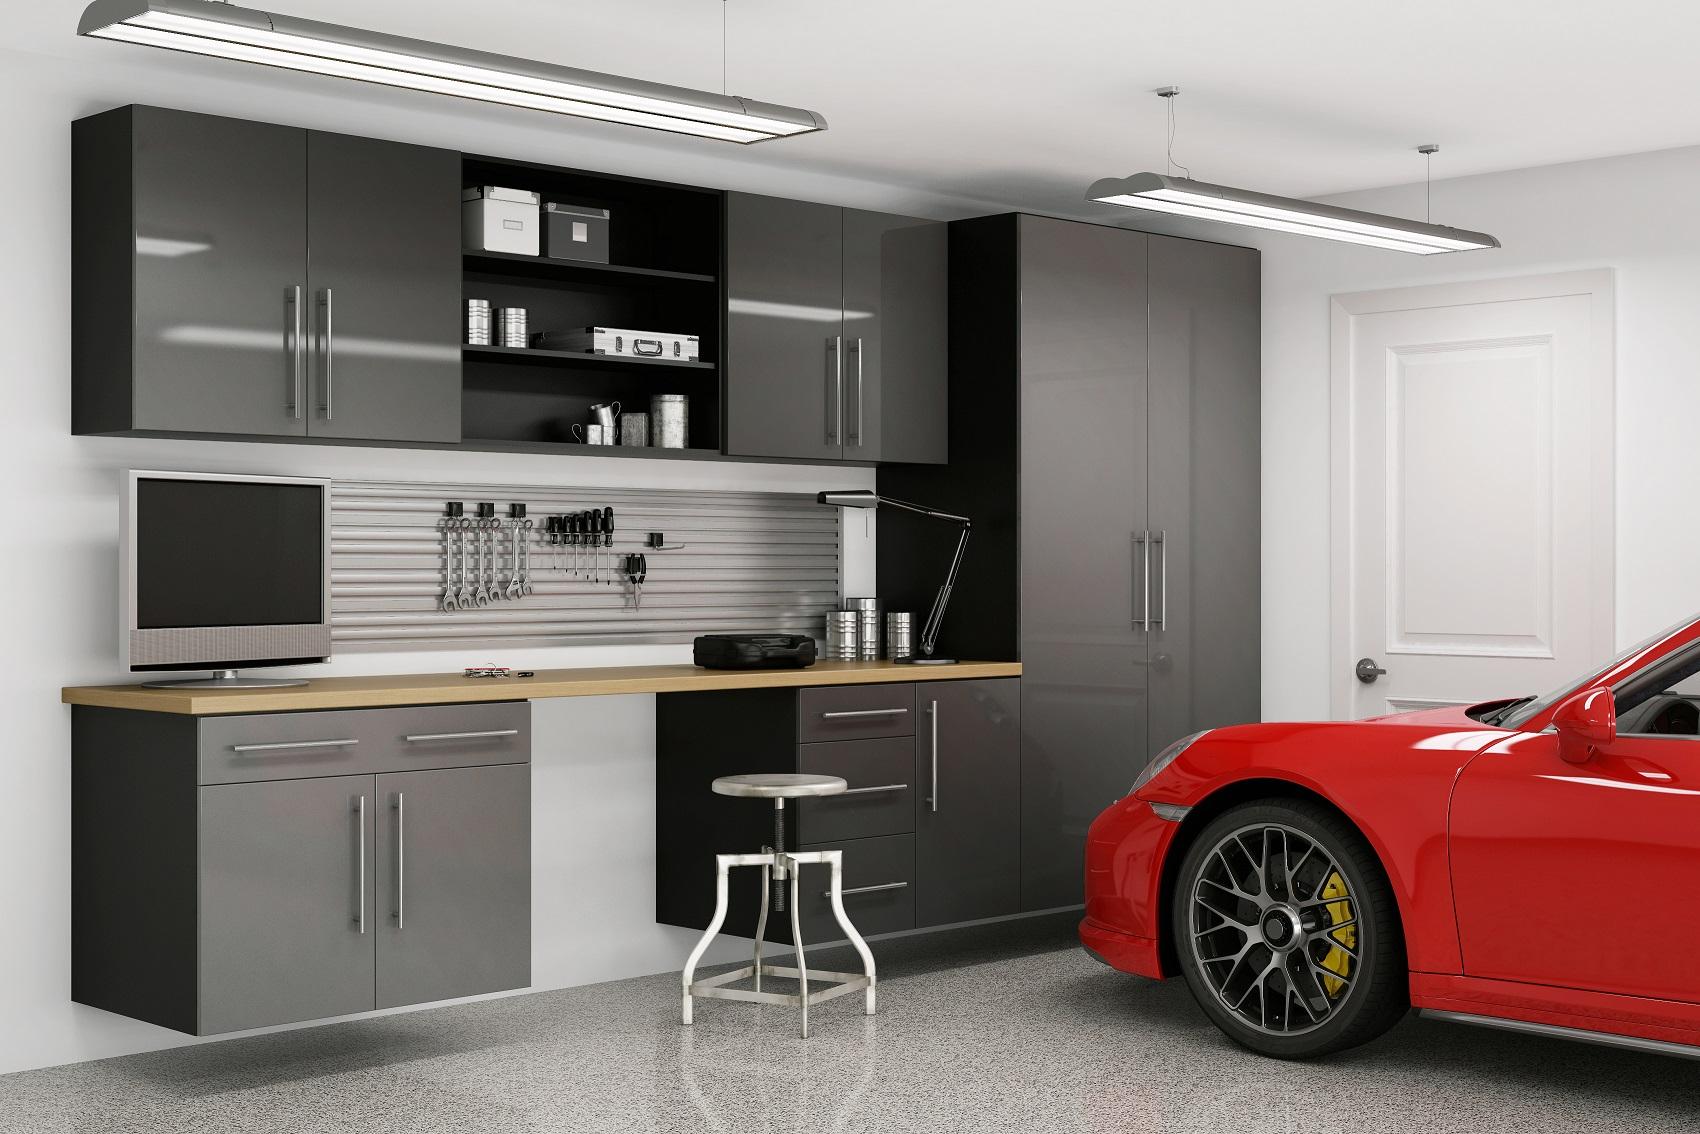 Oakcraft garage cabinetry